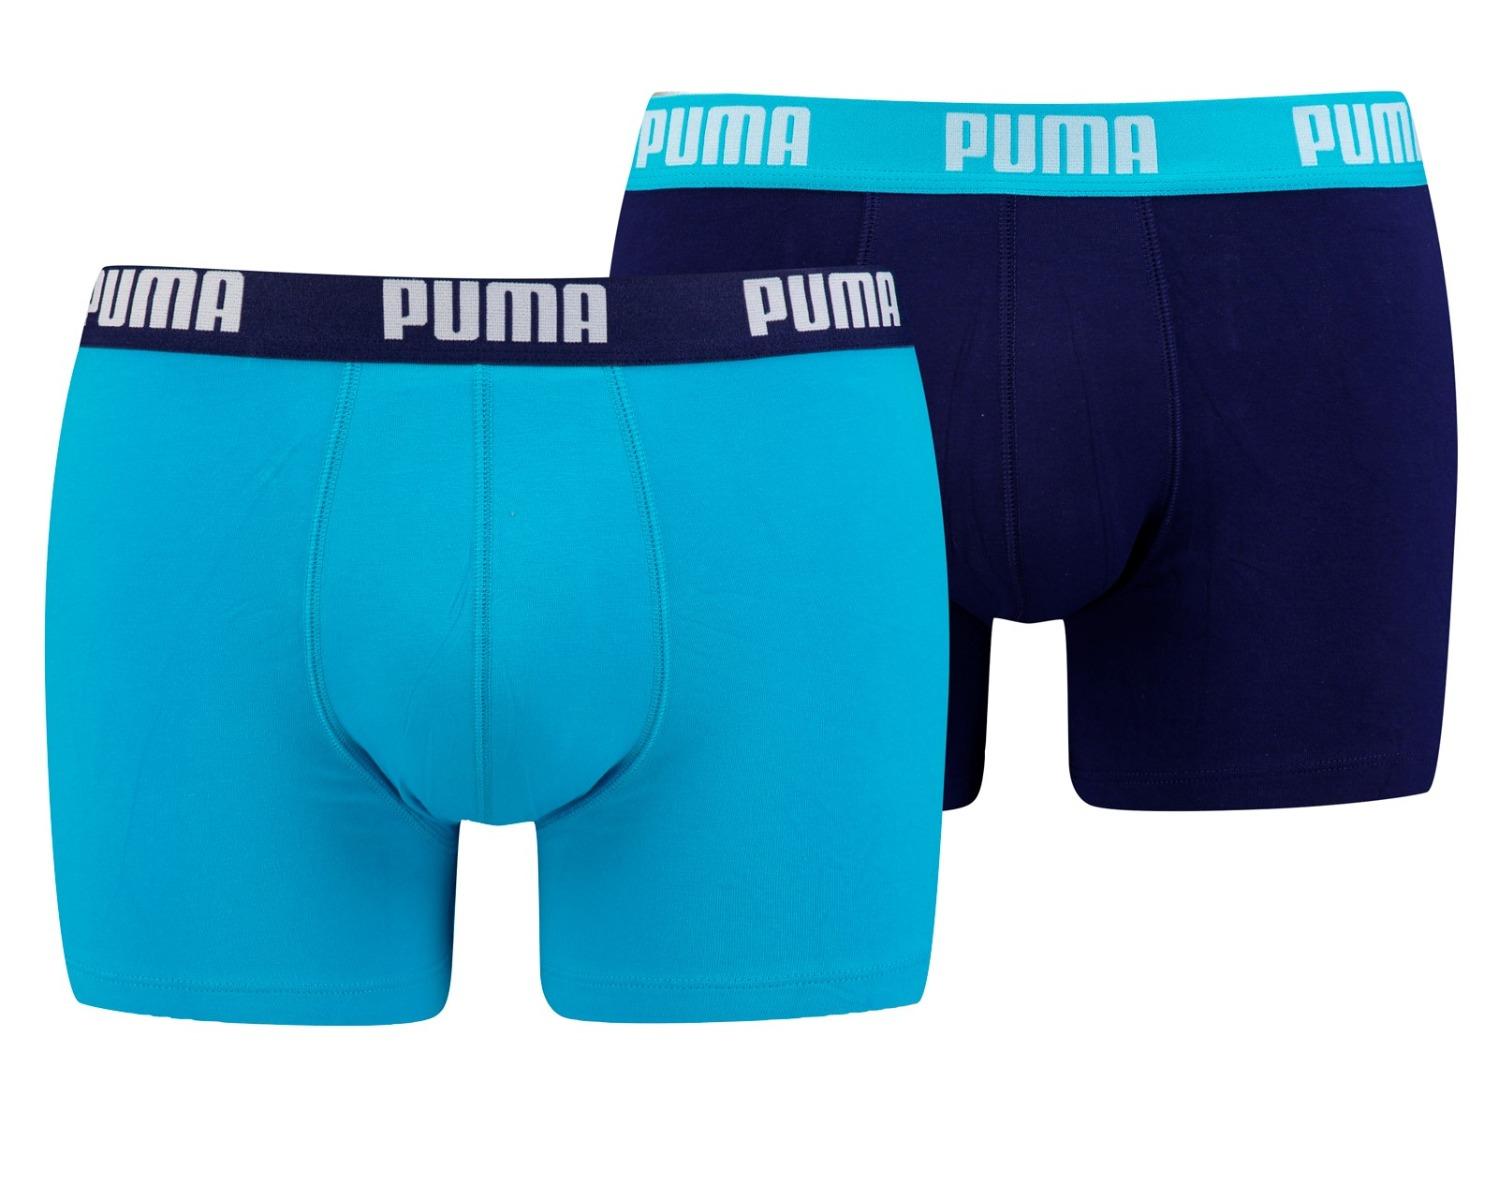 PUMA BASIC BOXER 2P AQUA - BLUE-XXL